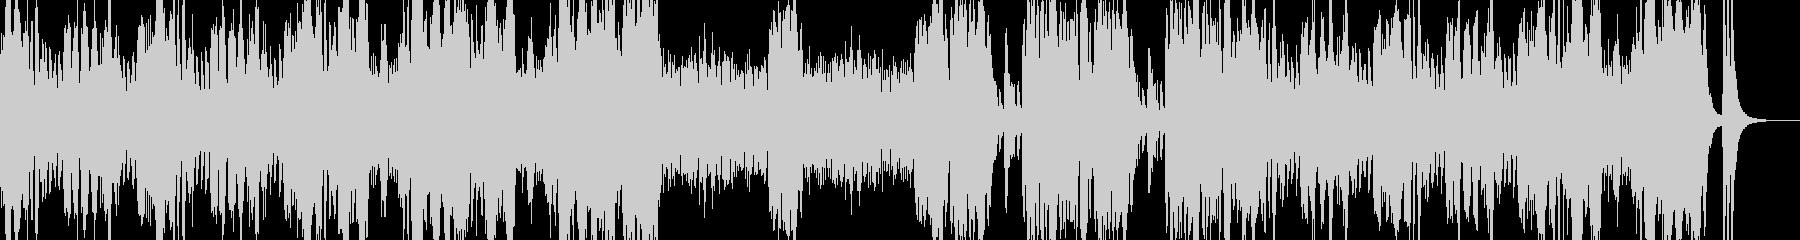 クシコスポスト(運動会の曲)の未再生の波形